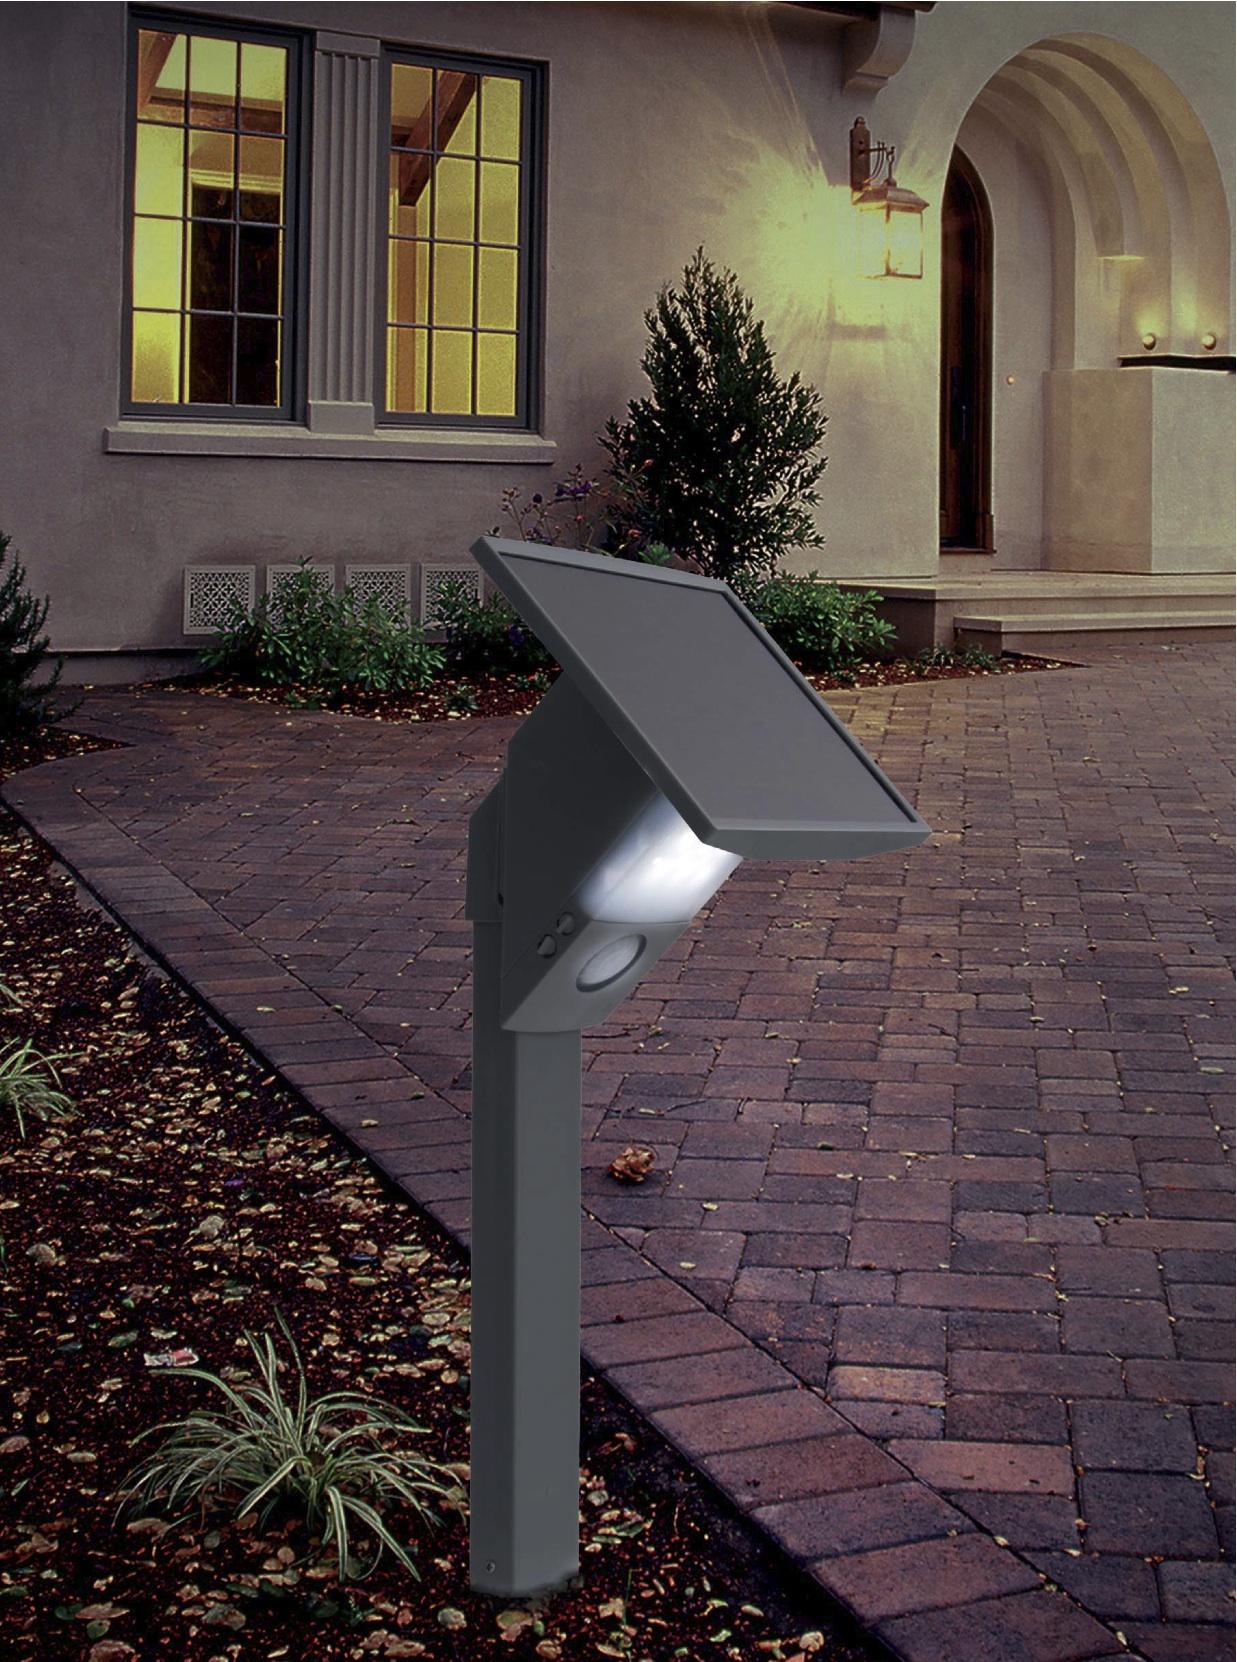 borne solaire puissante 480 lumens eclairage solaire puissant objetsolaire. Black Bedroom Furniture Sets. Home Design Ideas